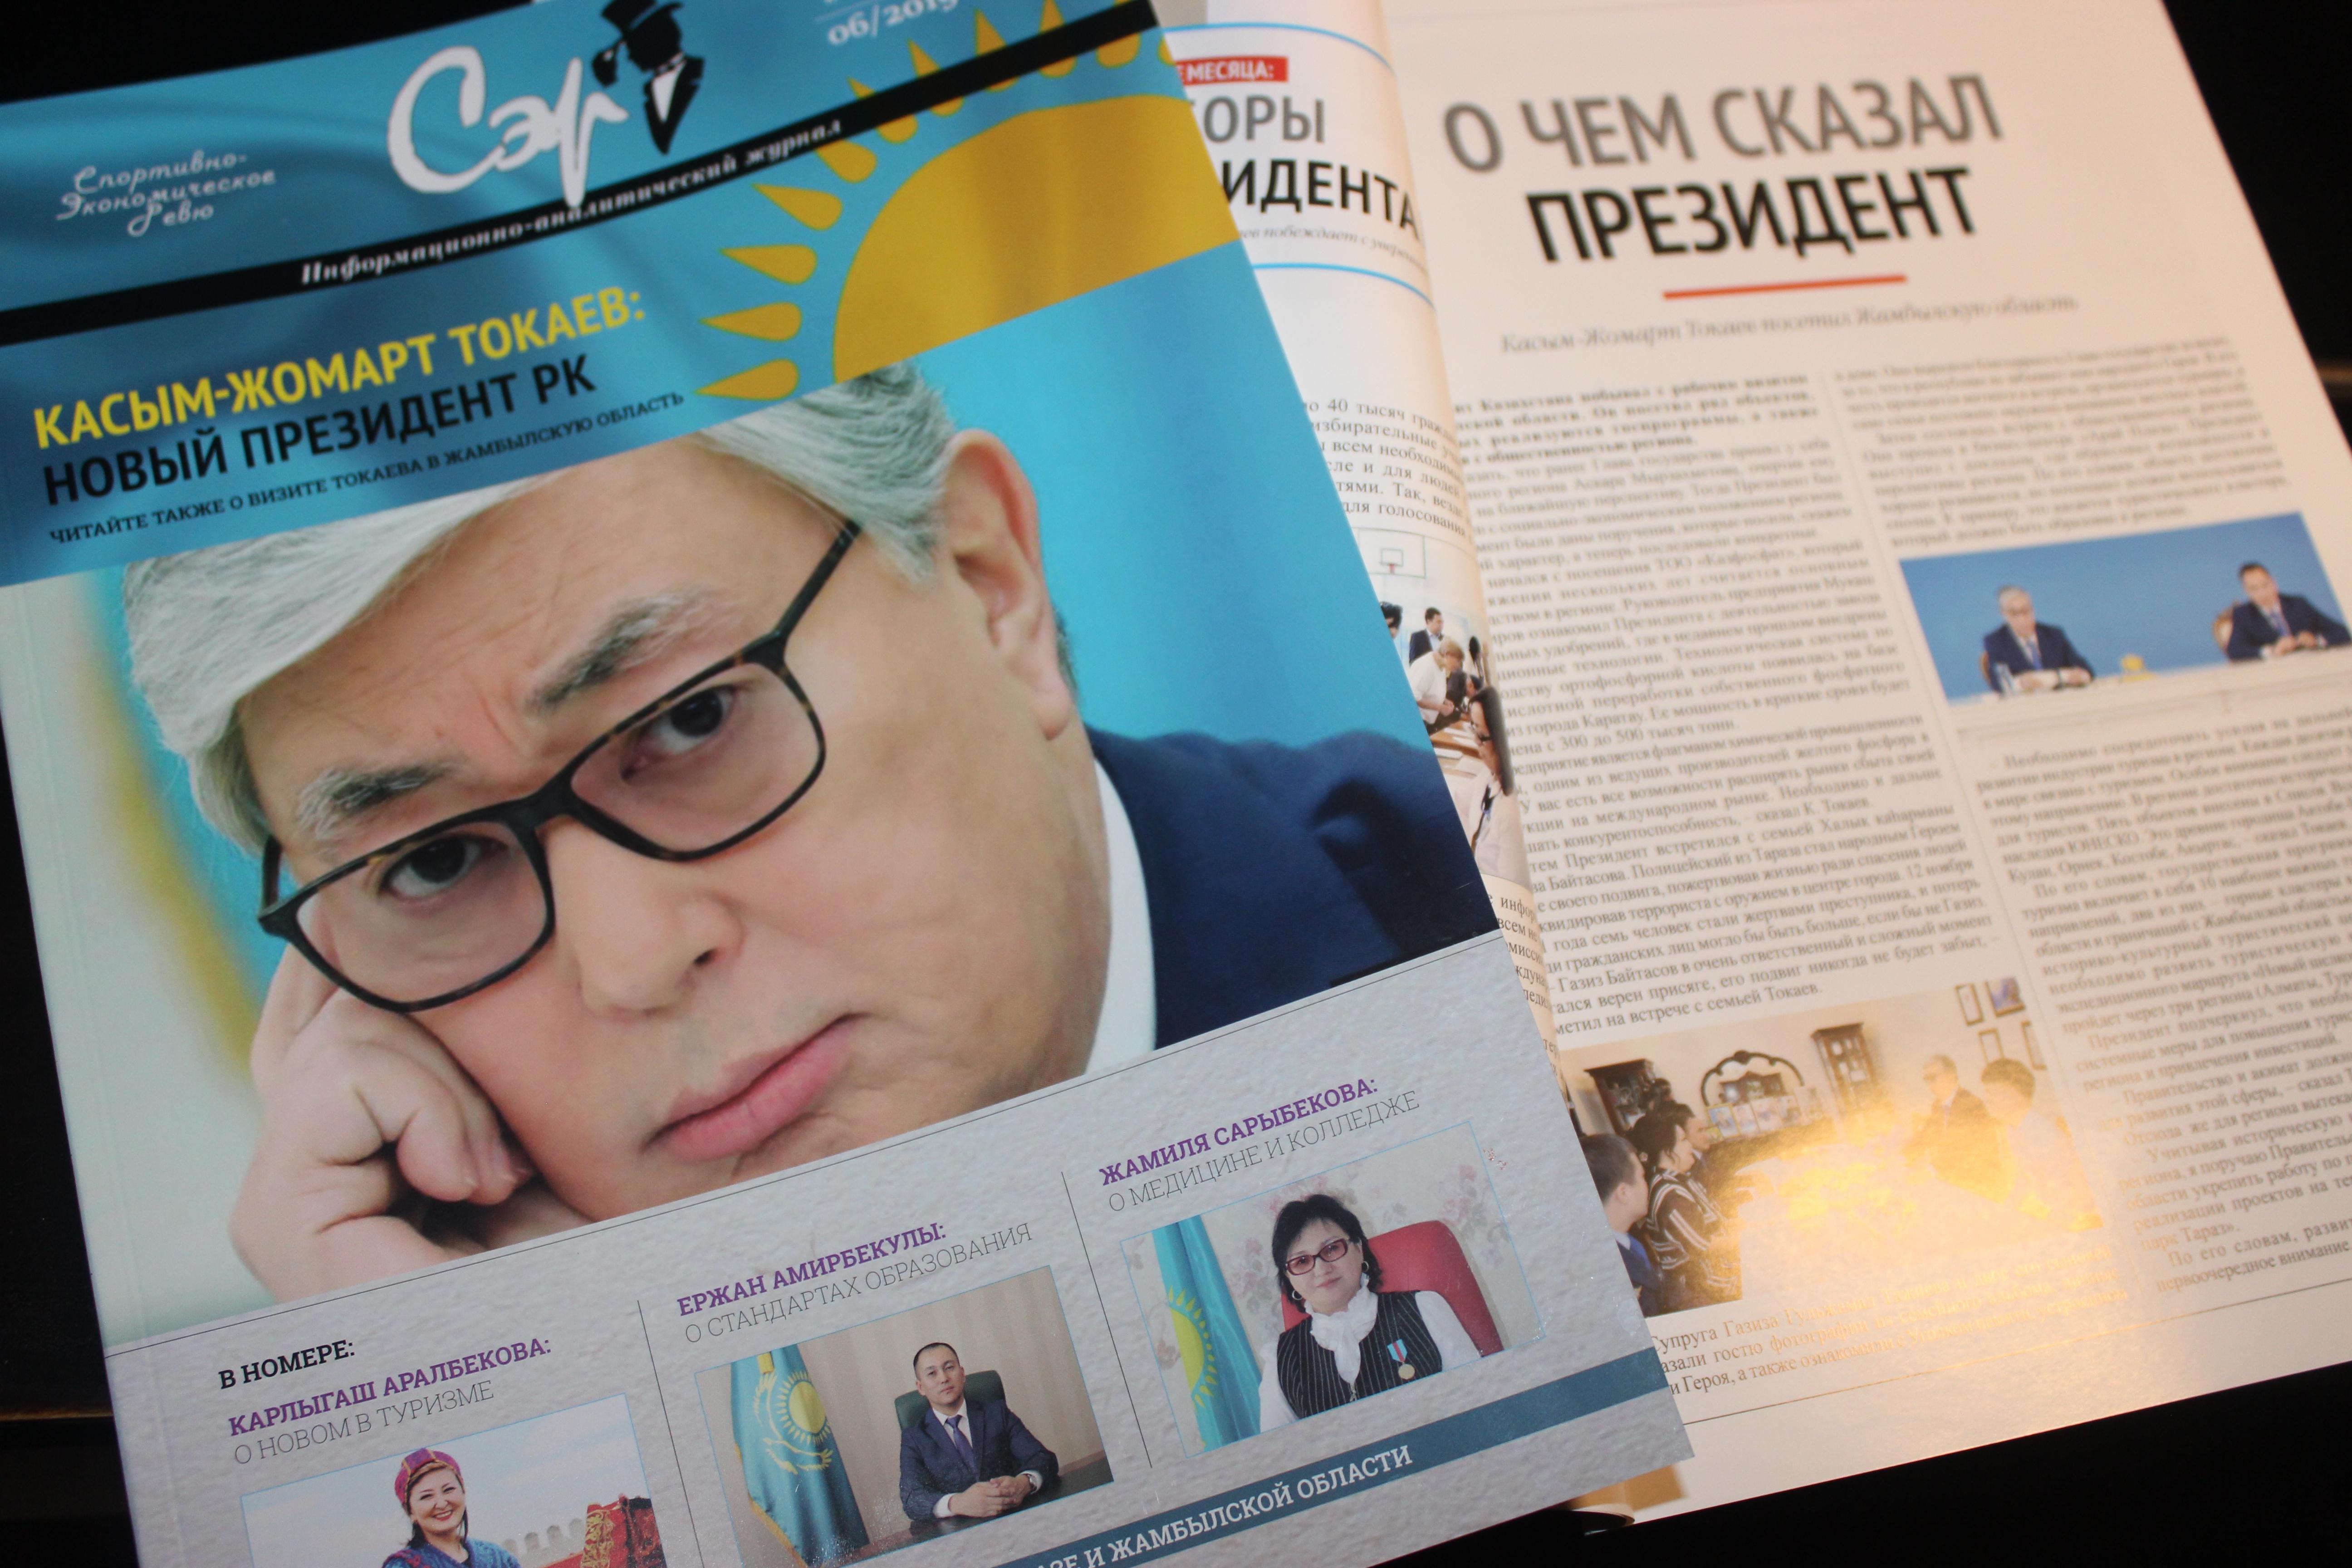 Журнал спорт в казахстане